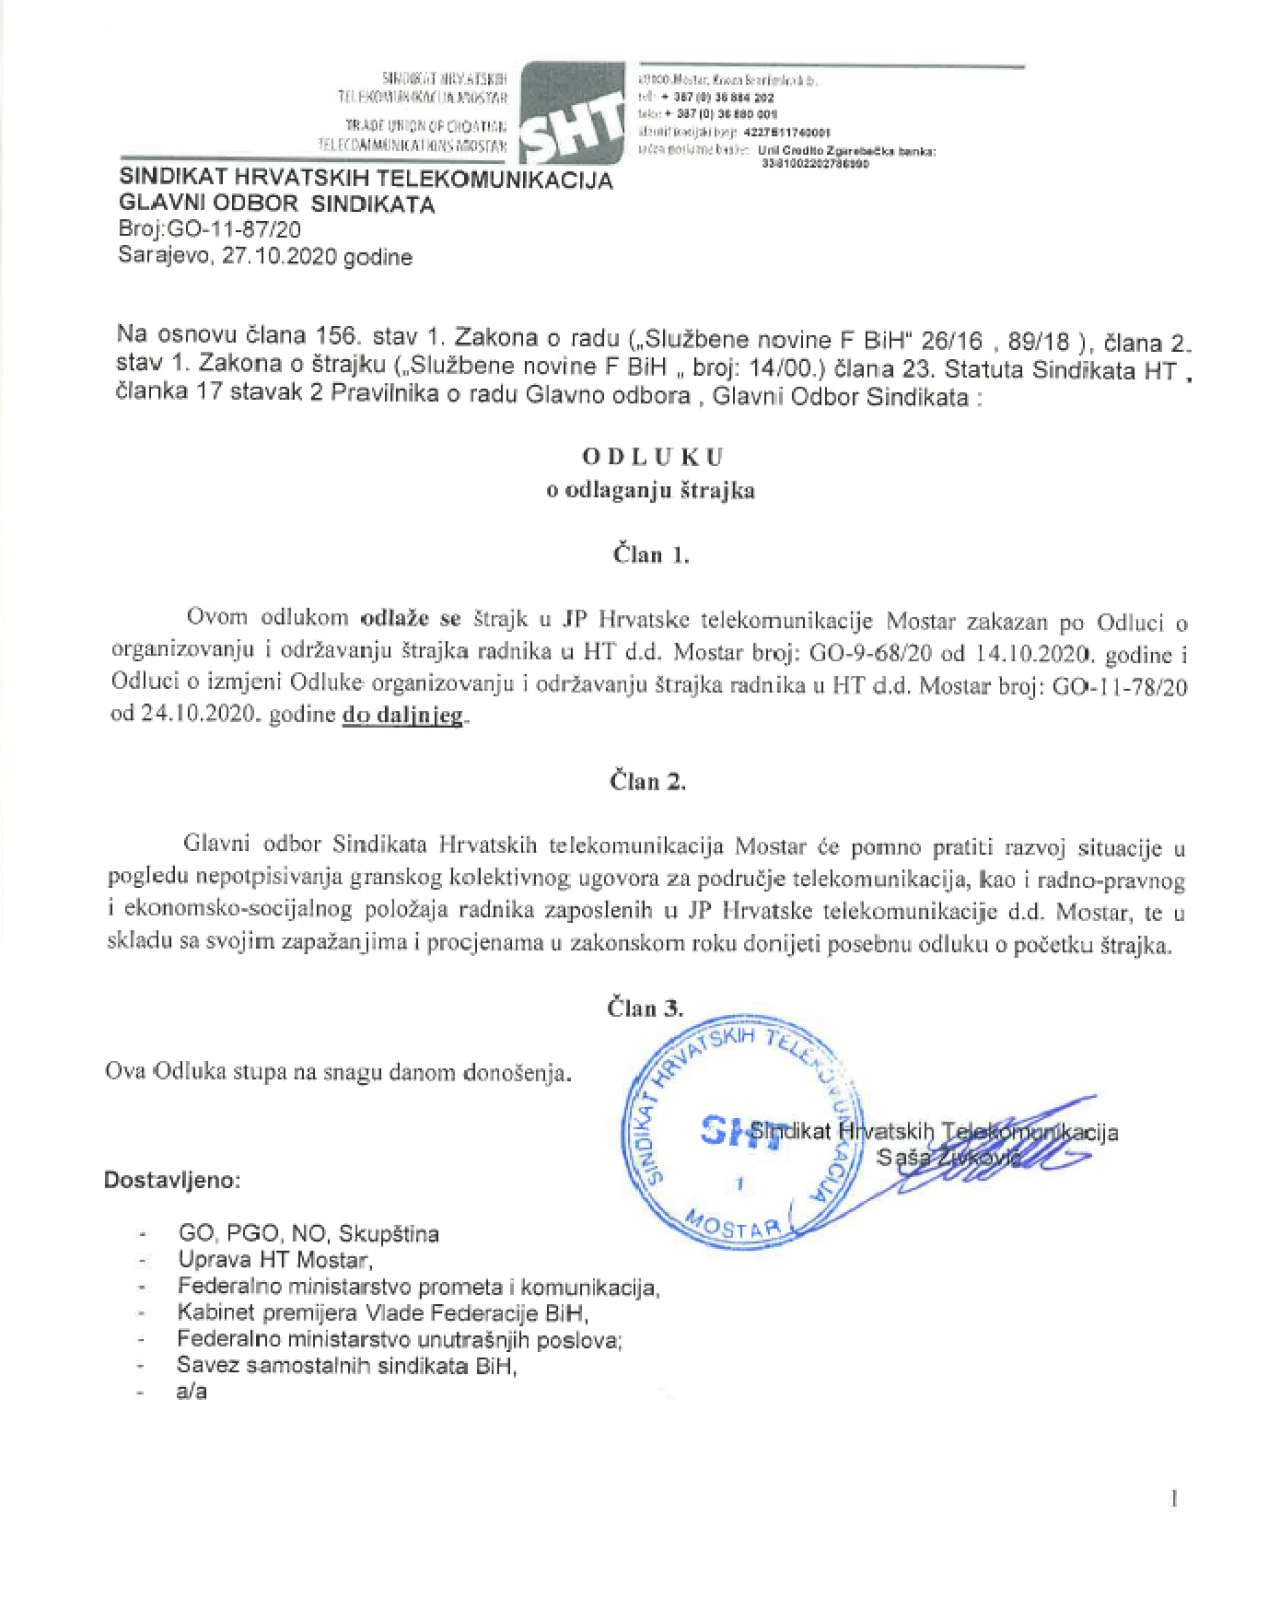 odluka-o-odgadanju-strajka-ht-mostar_1.png